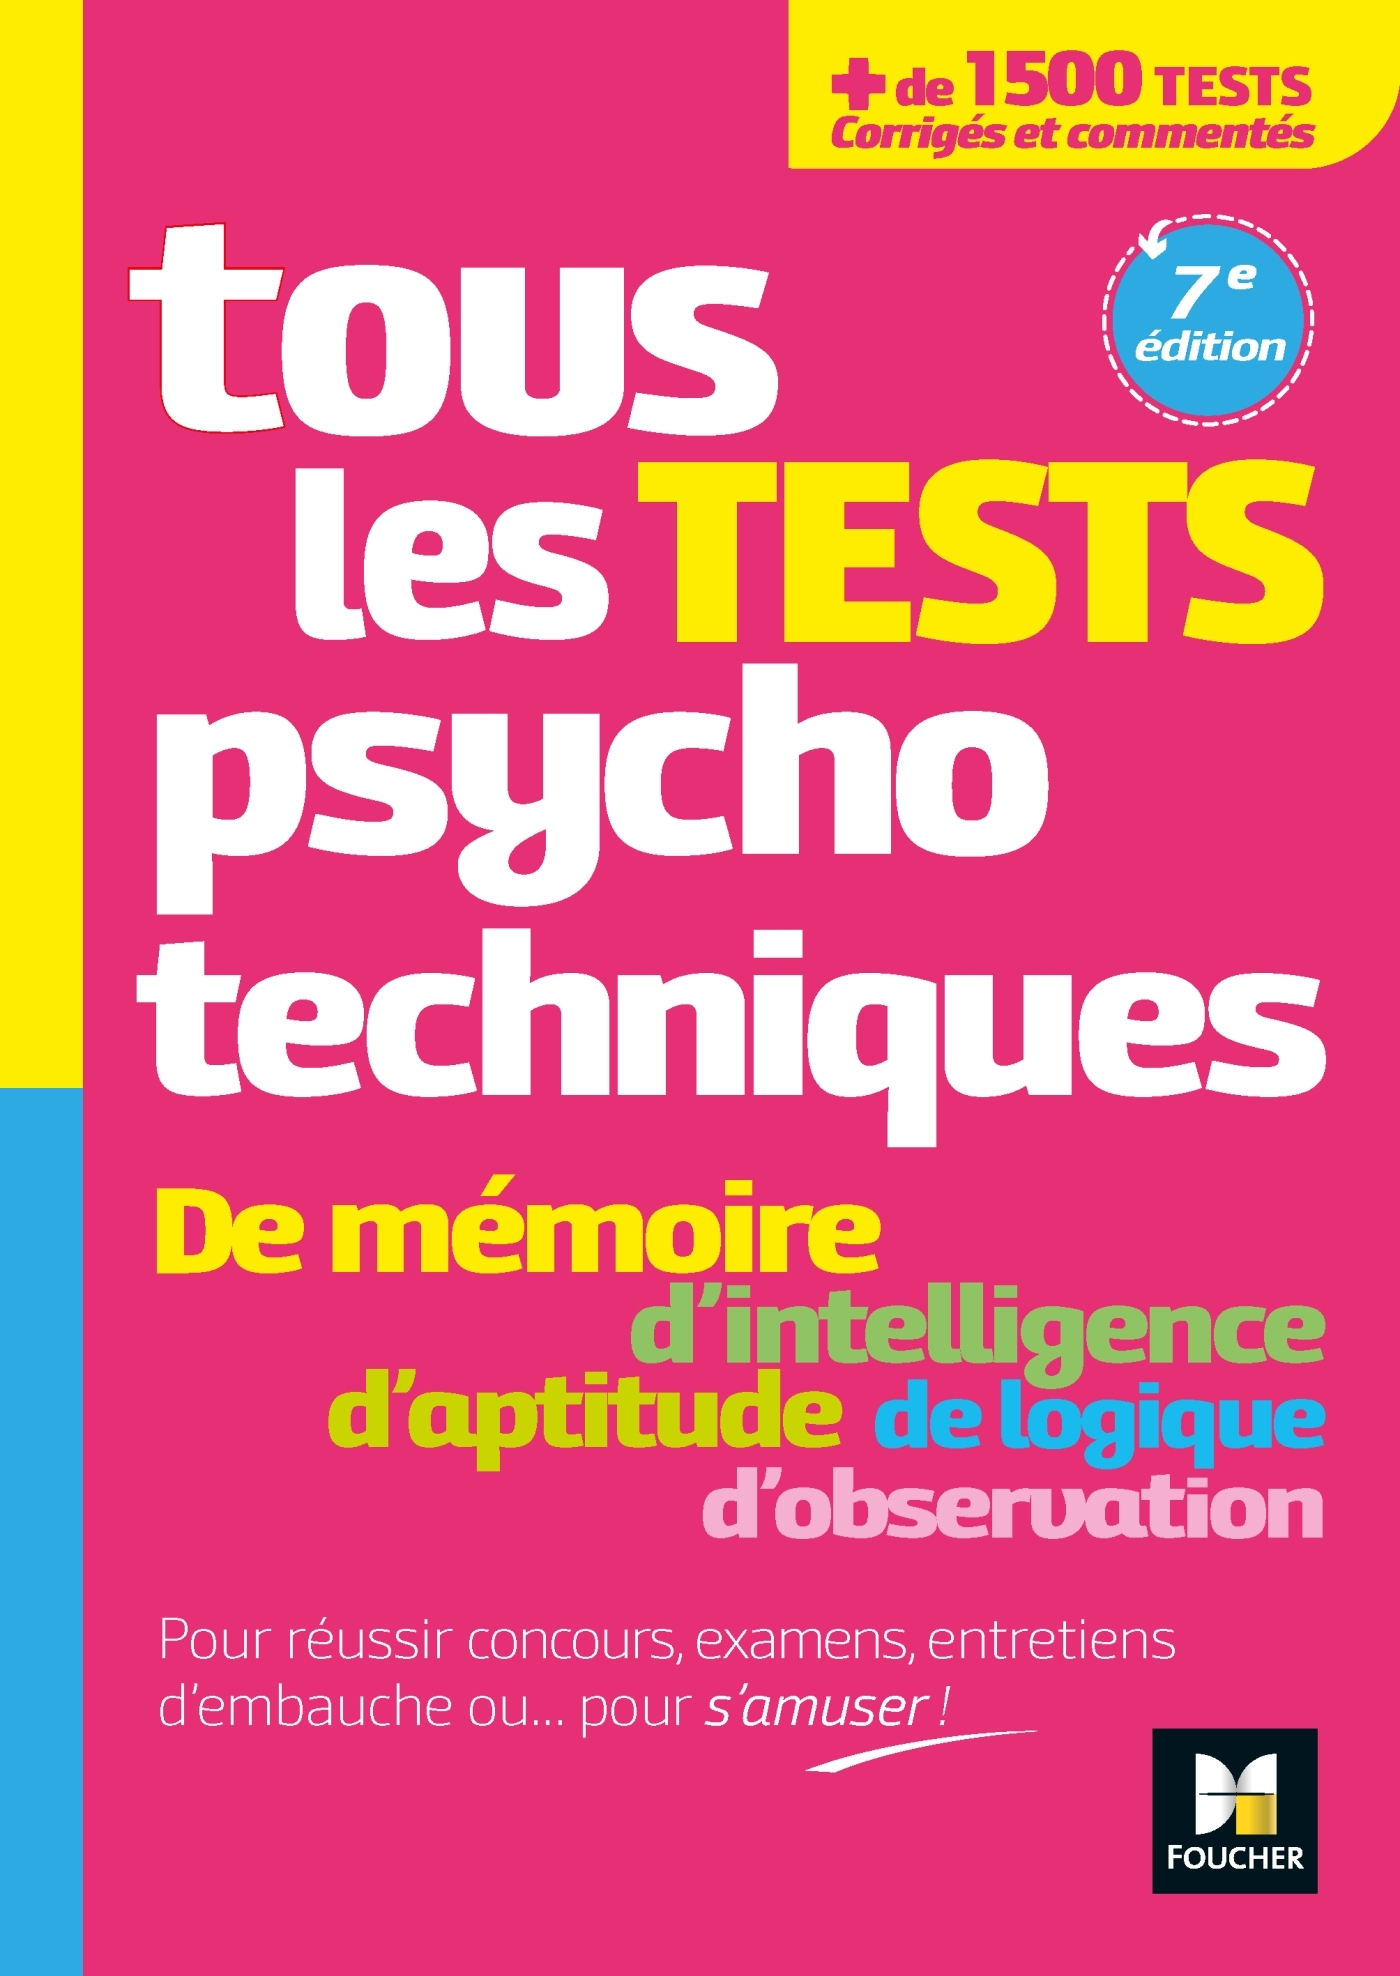 TOUS LES TESTS PSYCHOTECHNIQUES, MEMOIRE, INTELLIGENCE, APTITUDE, LOGIQUE, OBSERVATION - CONCOURS